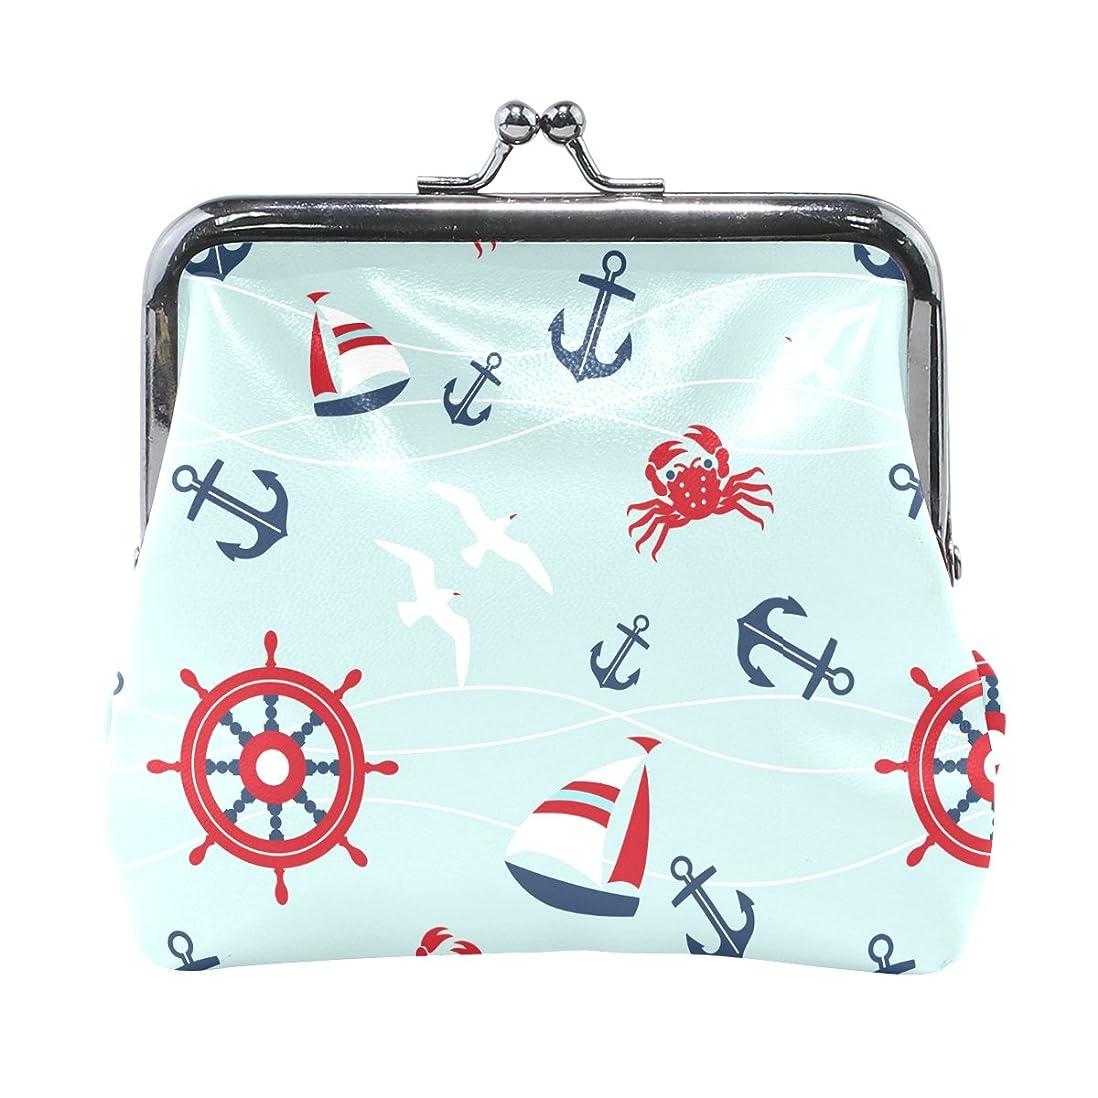 ずんぐりしたメリードレスGORIRA(ゴリラ) 船柄 海 ブルー 超繊レザー&木綿 人気財布 ブランド がま口式小銭入れ ミニがま口